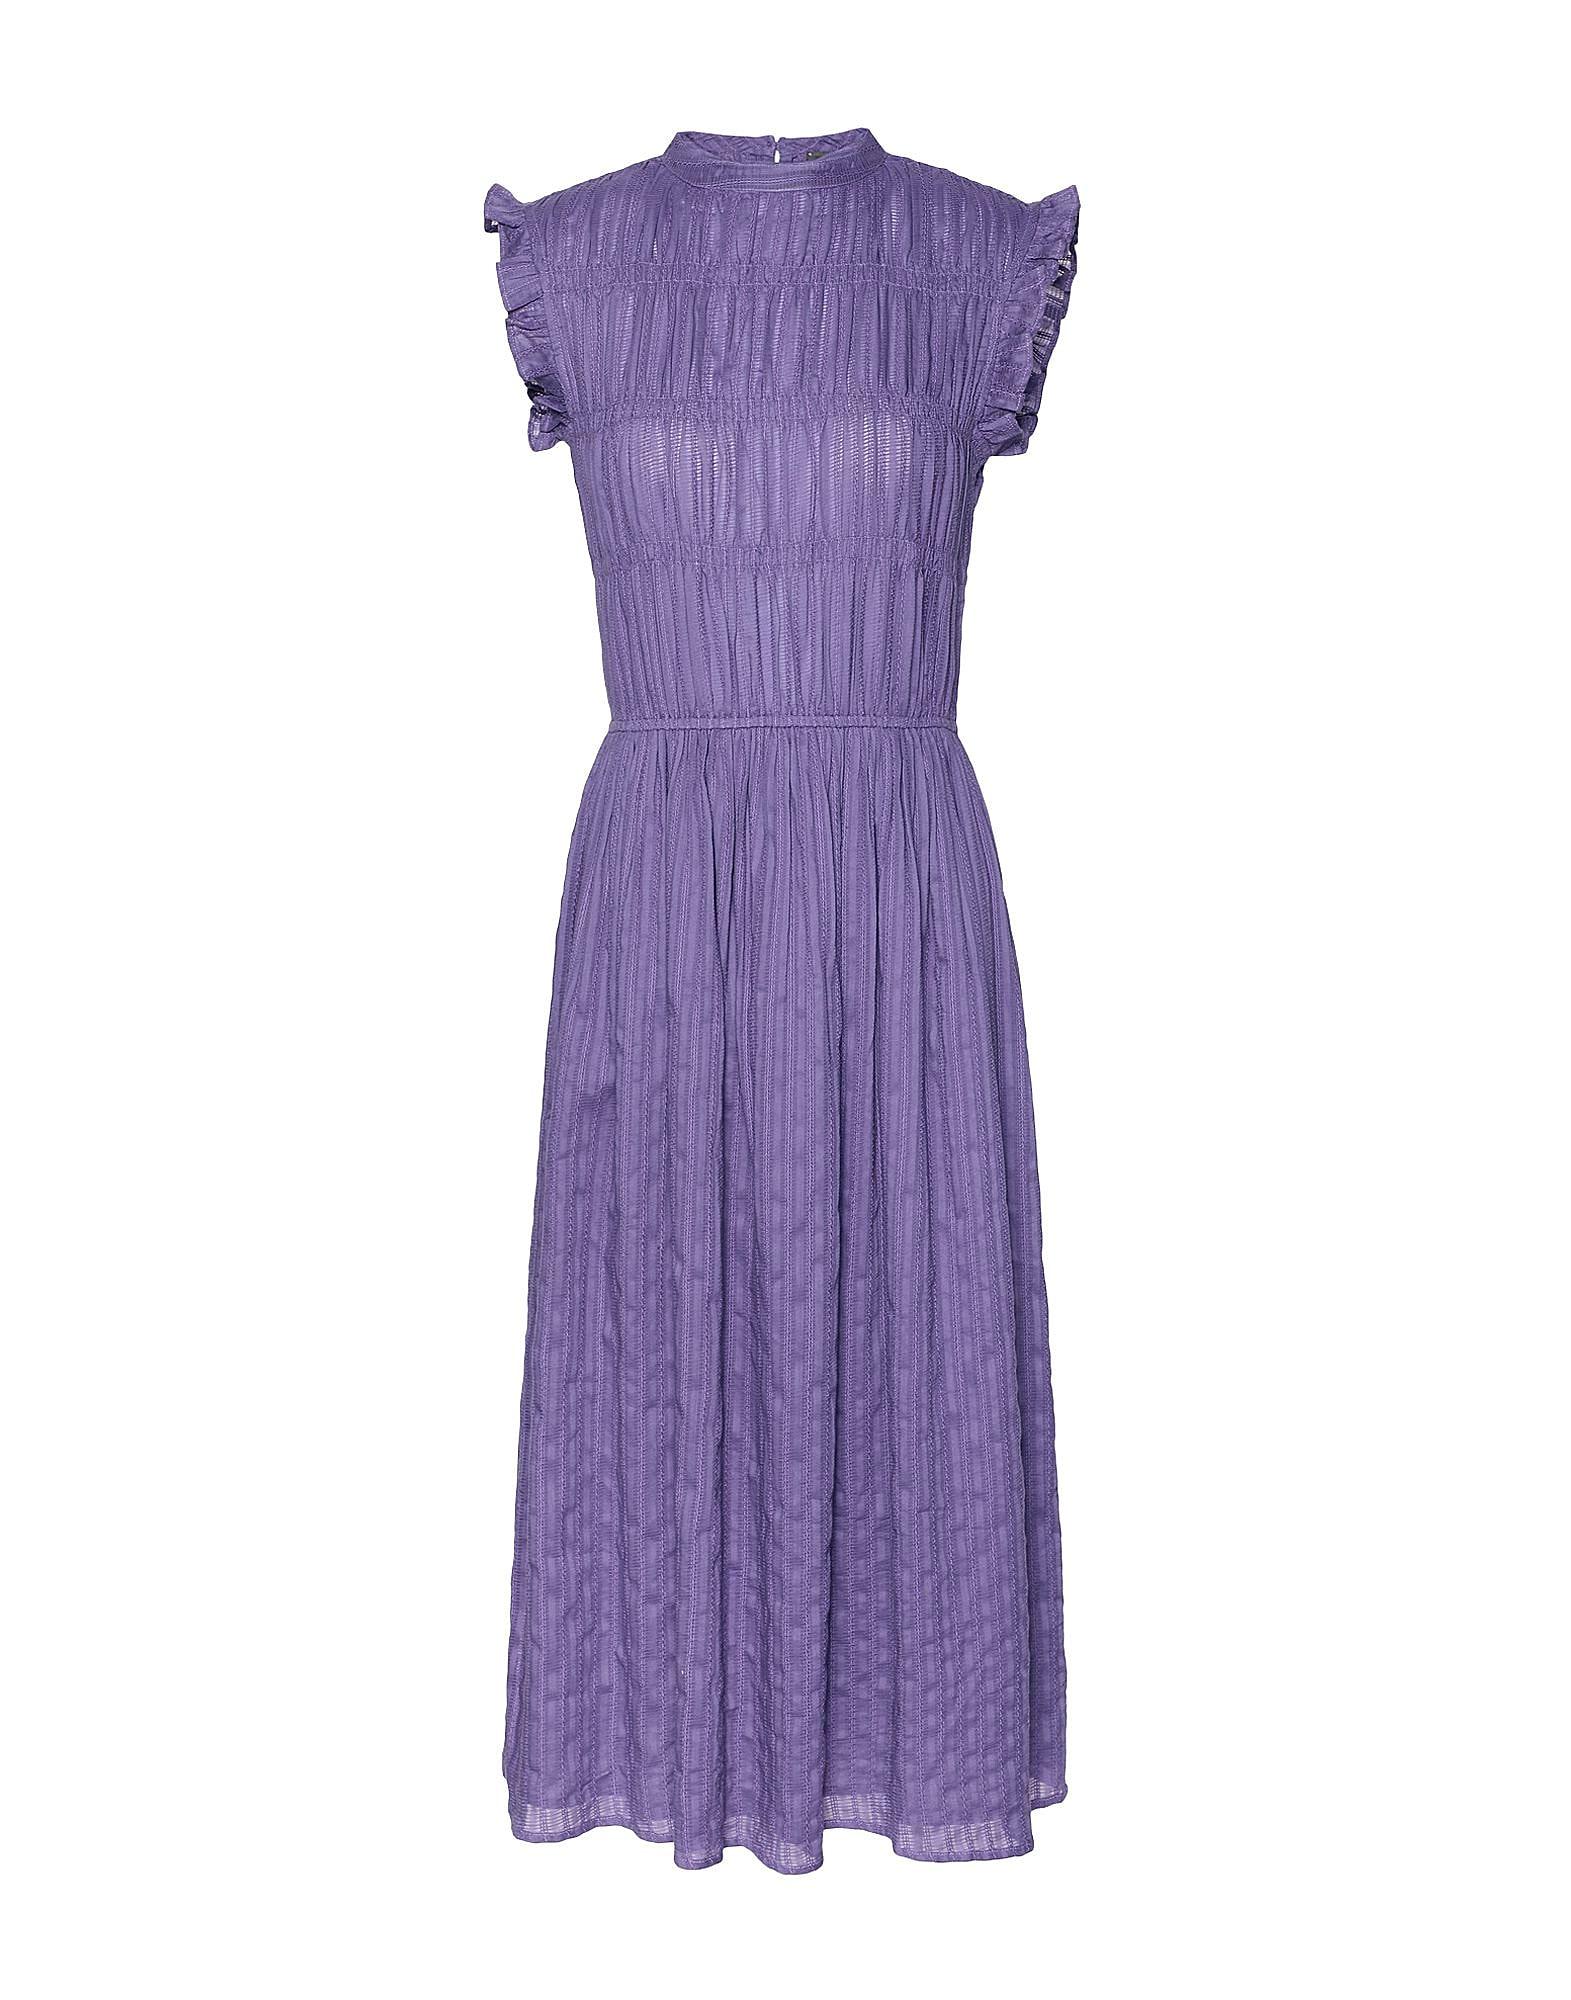 تشكيلة YOOX من الفساتين المتنوعة